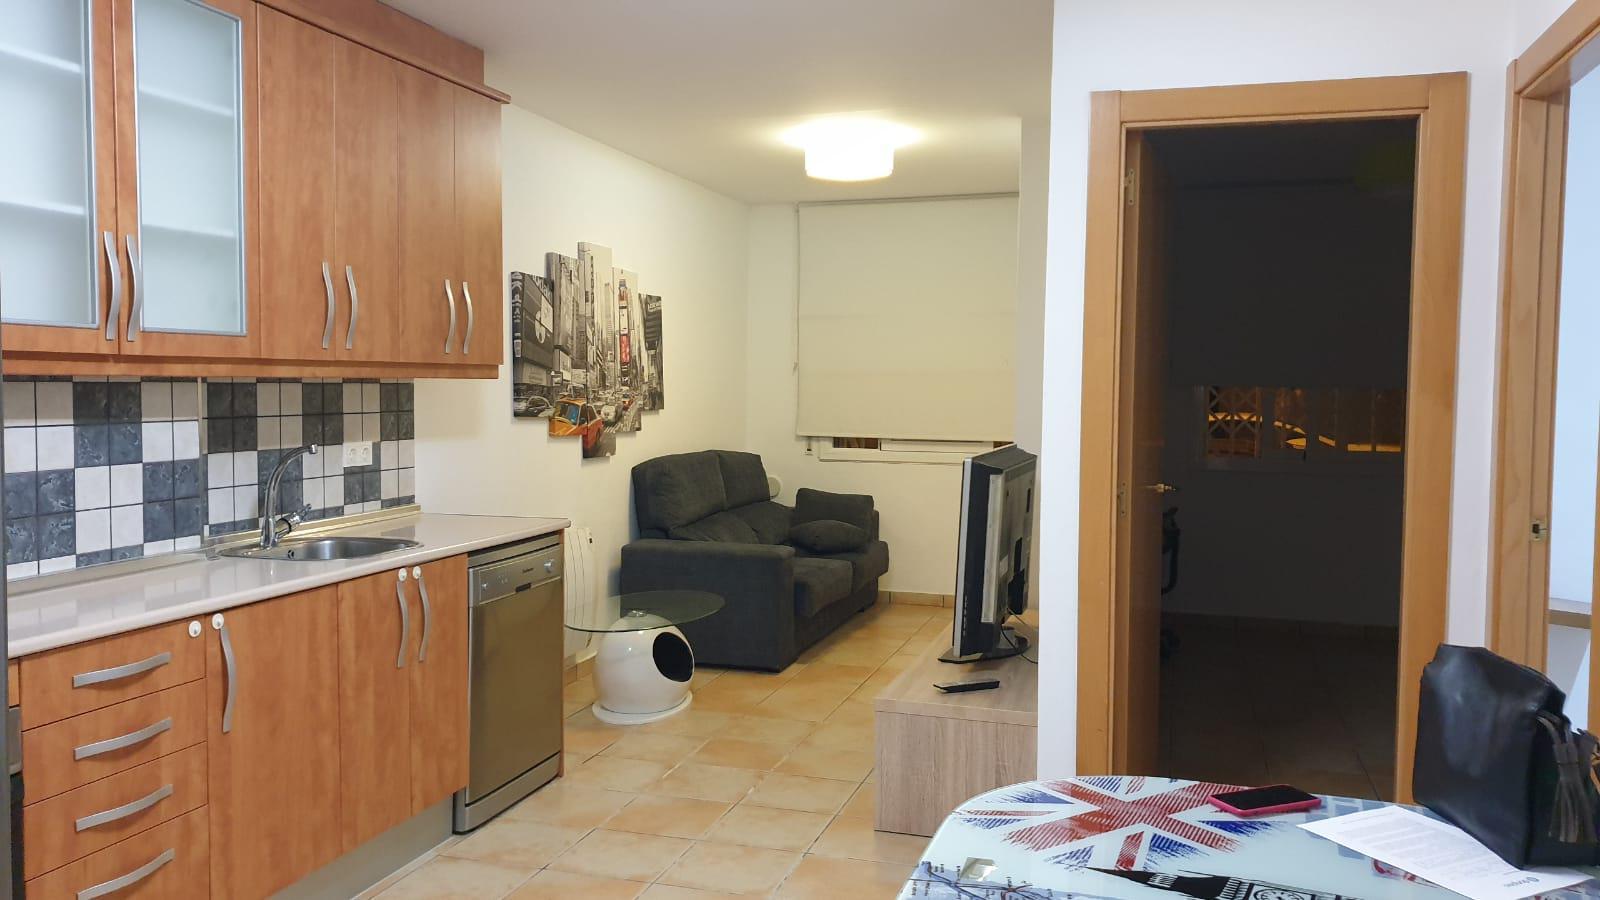 Imagen 3 Piso en venta en Badalona / A cinco minutos del acceso B20, C32.